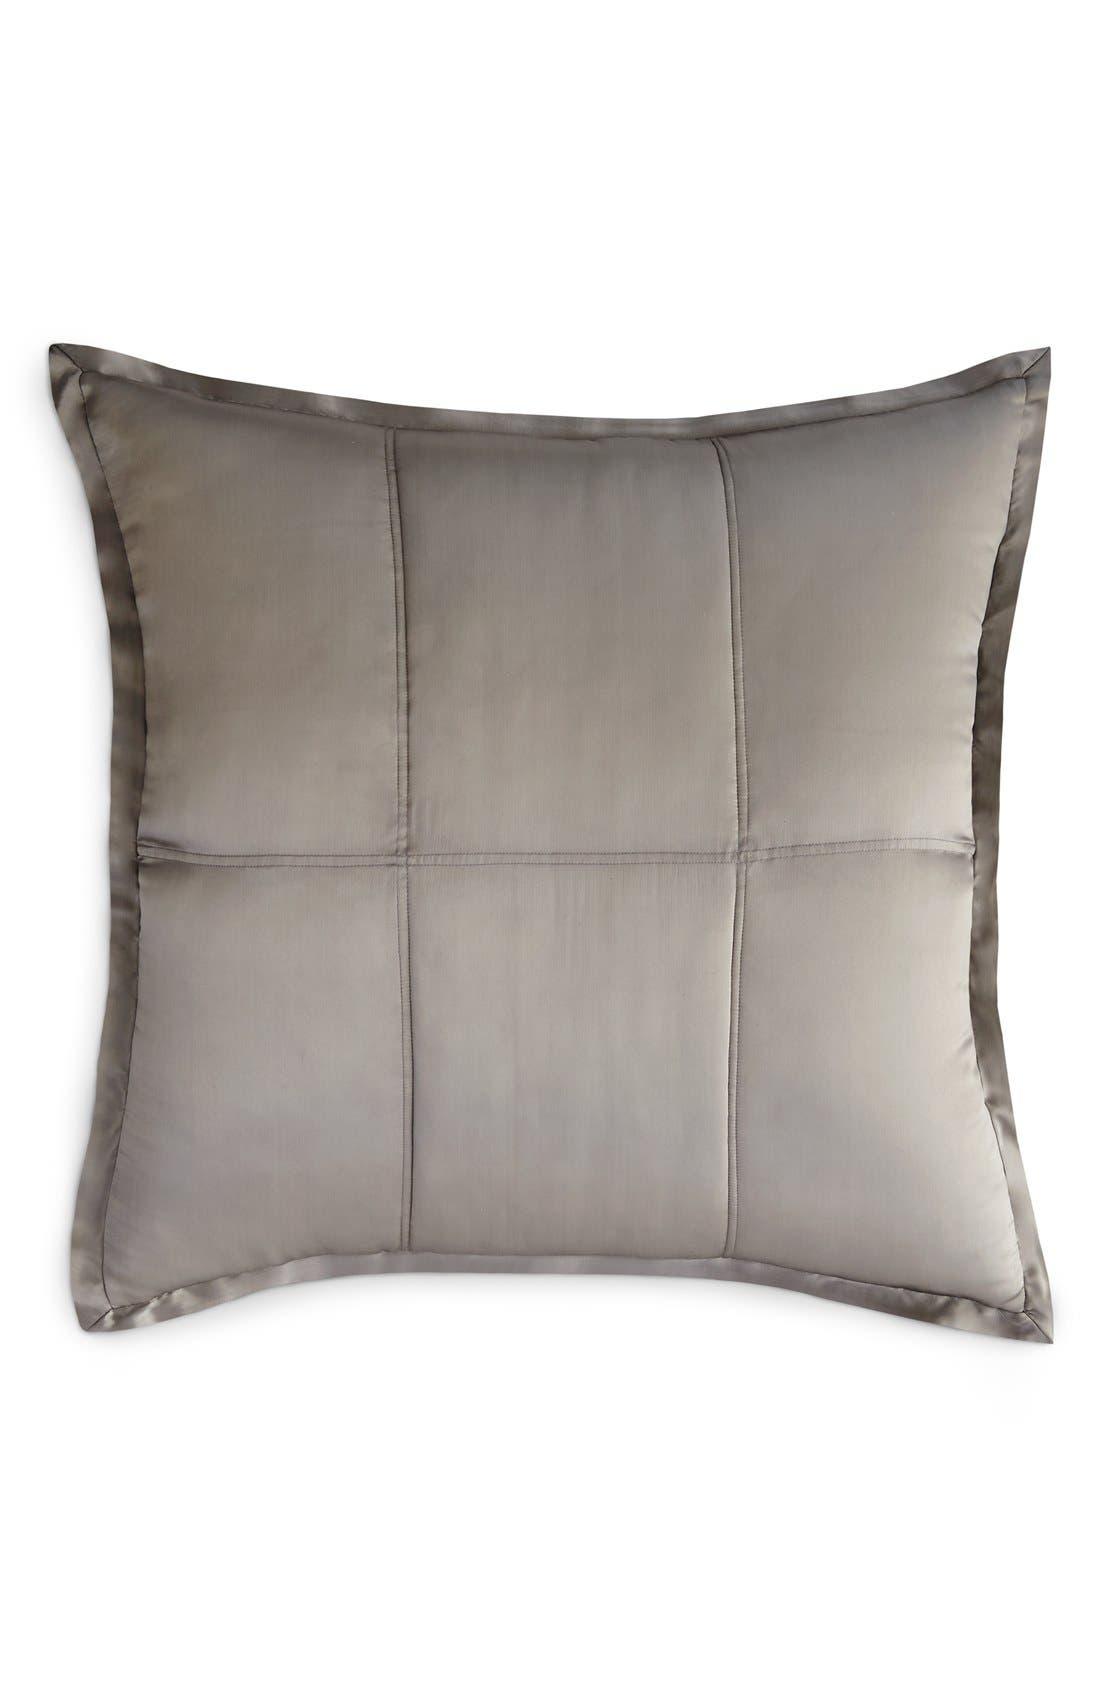 Donna Karan Collection 'Reflection' Euro Sham,                         Main,                         color, Silver